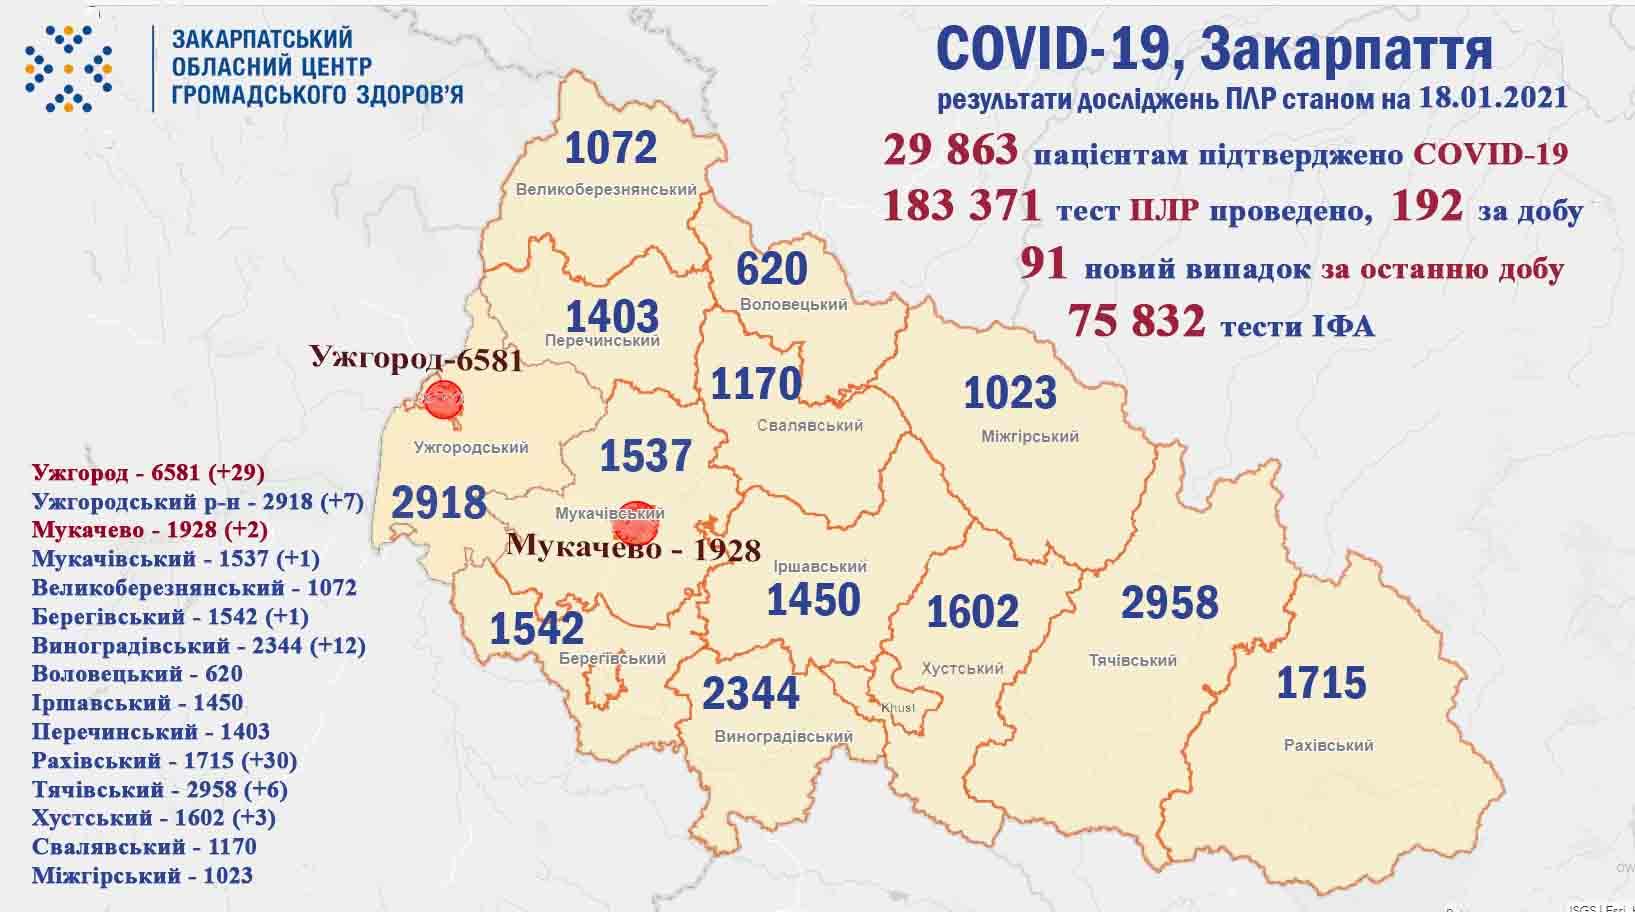 Ситуація щодо COVID-19 на Закарпатті станом на 18 cічня